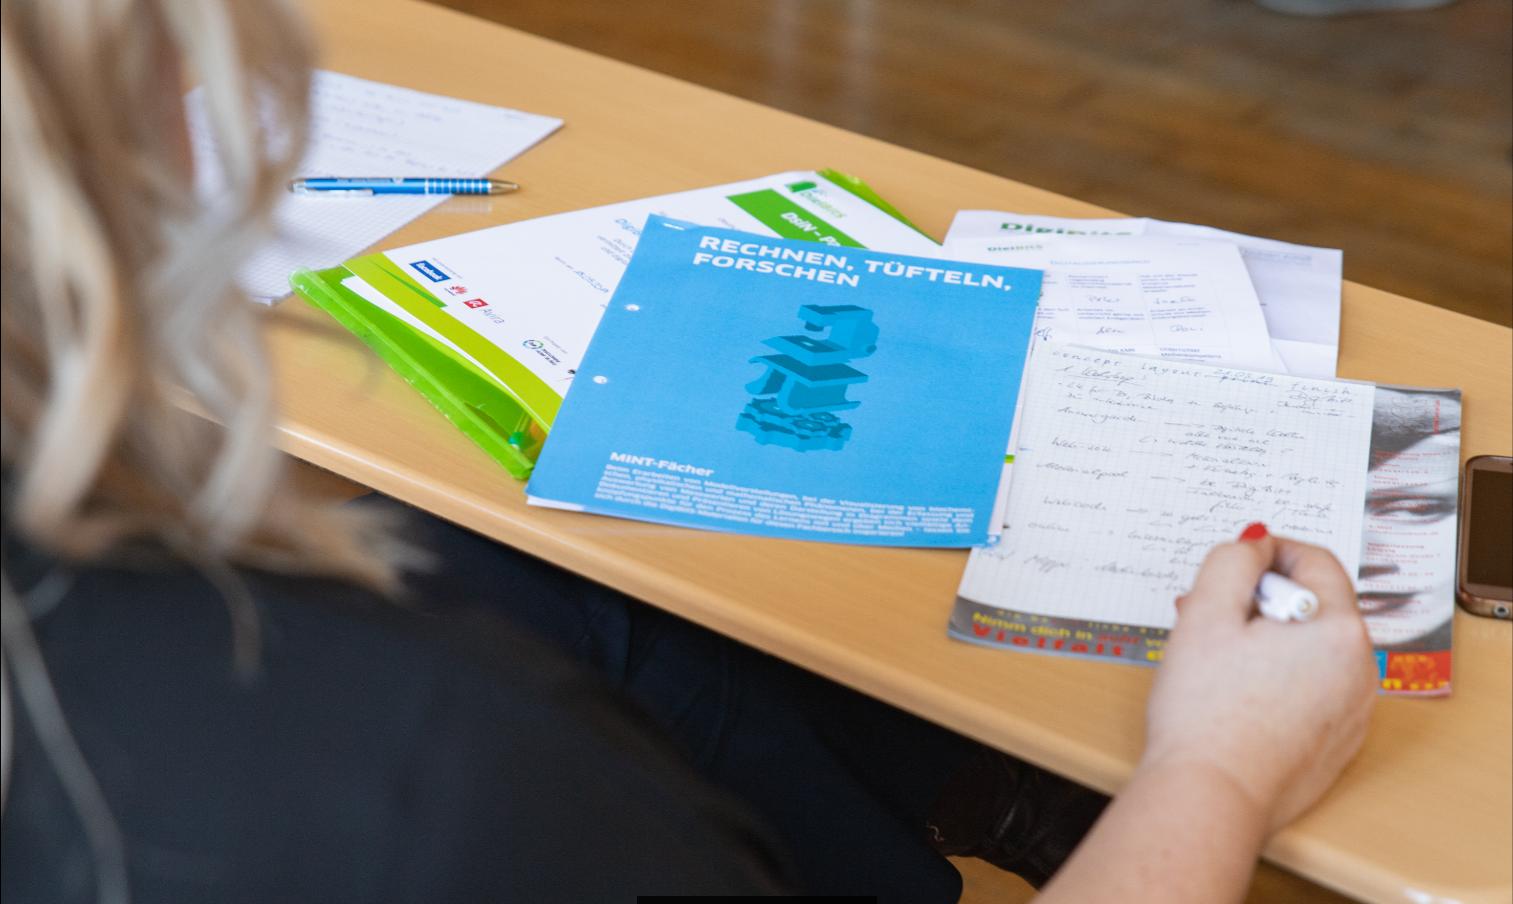 DigiBitS - Digitale Bildung trifft Schule Workshops in Sachsen-Amhalt